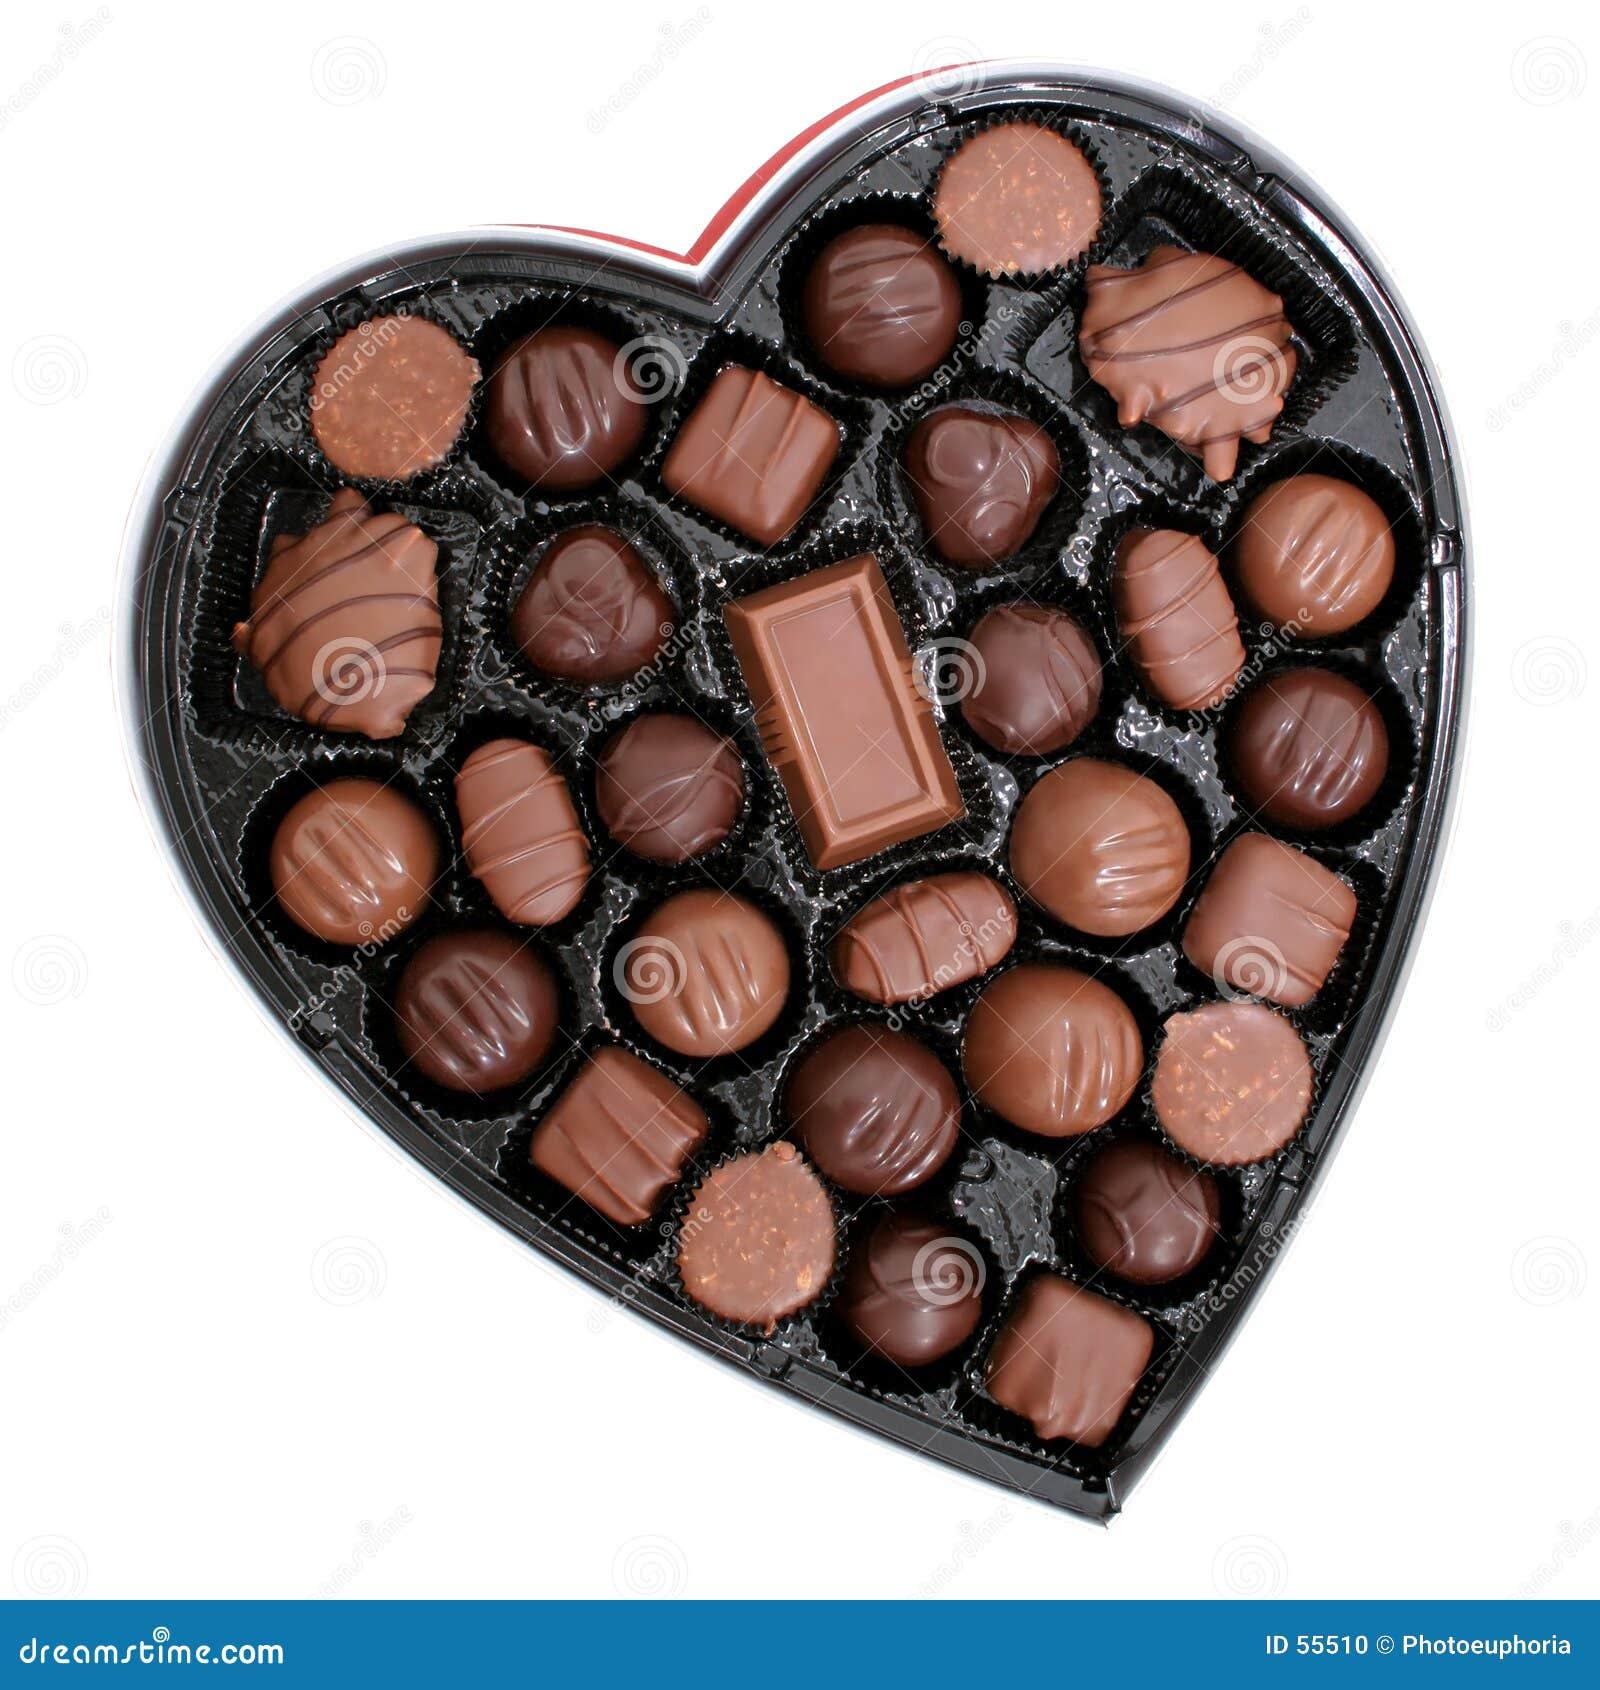 Rectángulo de chocolates en una dimensión de una variable del corazón (imagen 8.2mp)